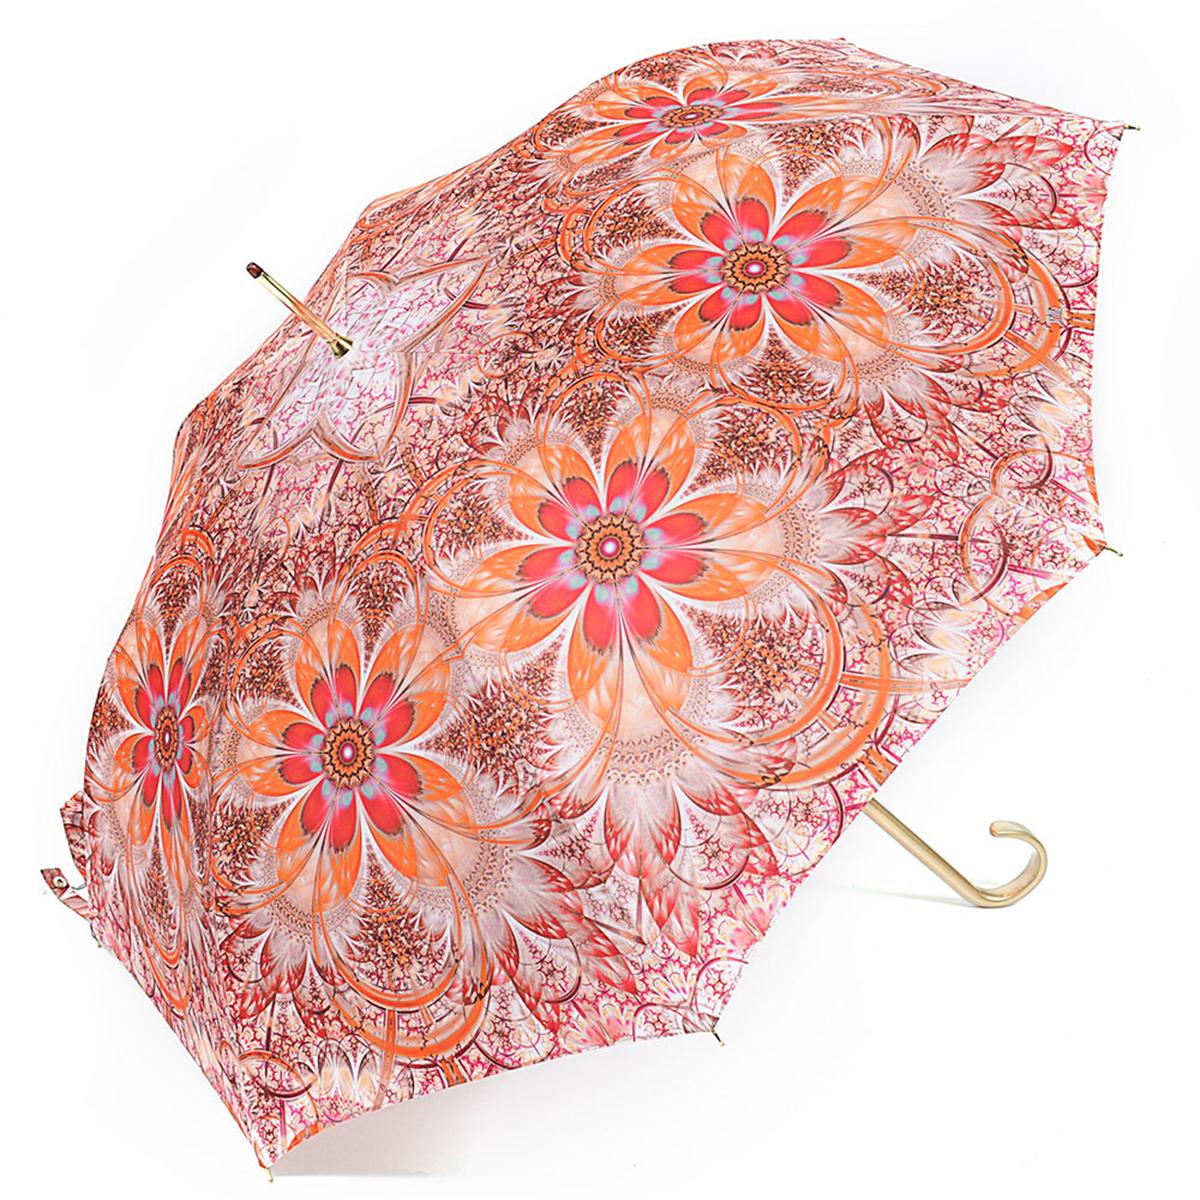 Зонт-трость женский Stilla, цвет: красный, оранжевый, белый. 722/4 auto